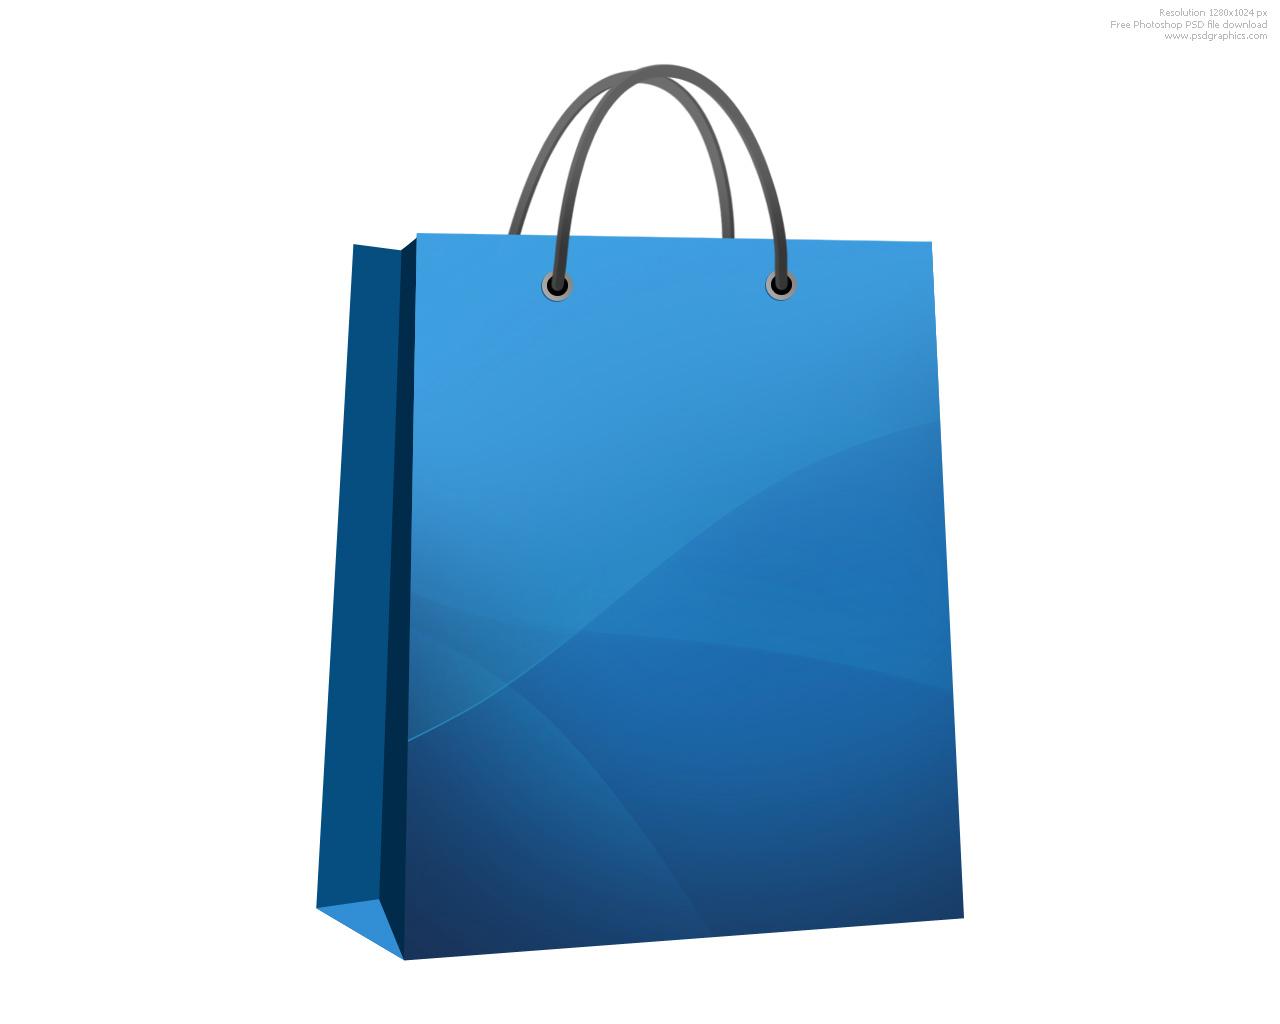 1280x1024 Shopping Bag Clipart